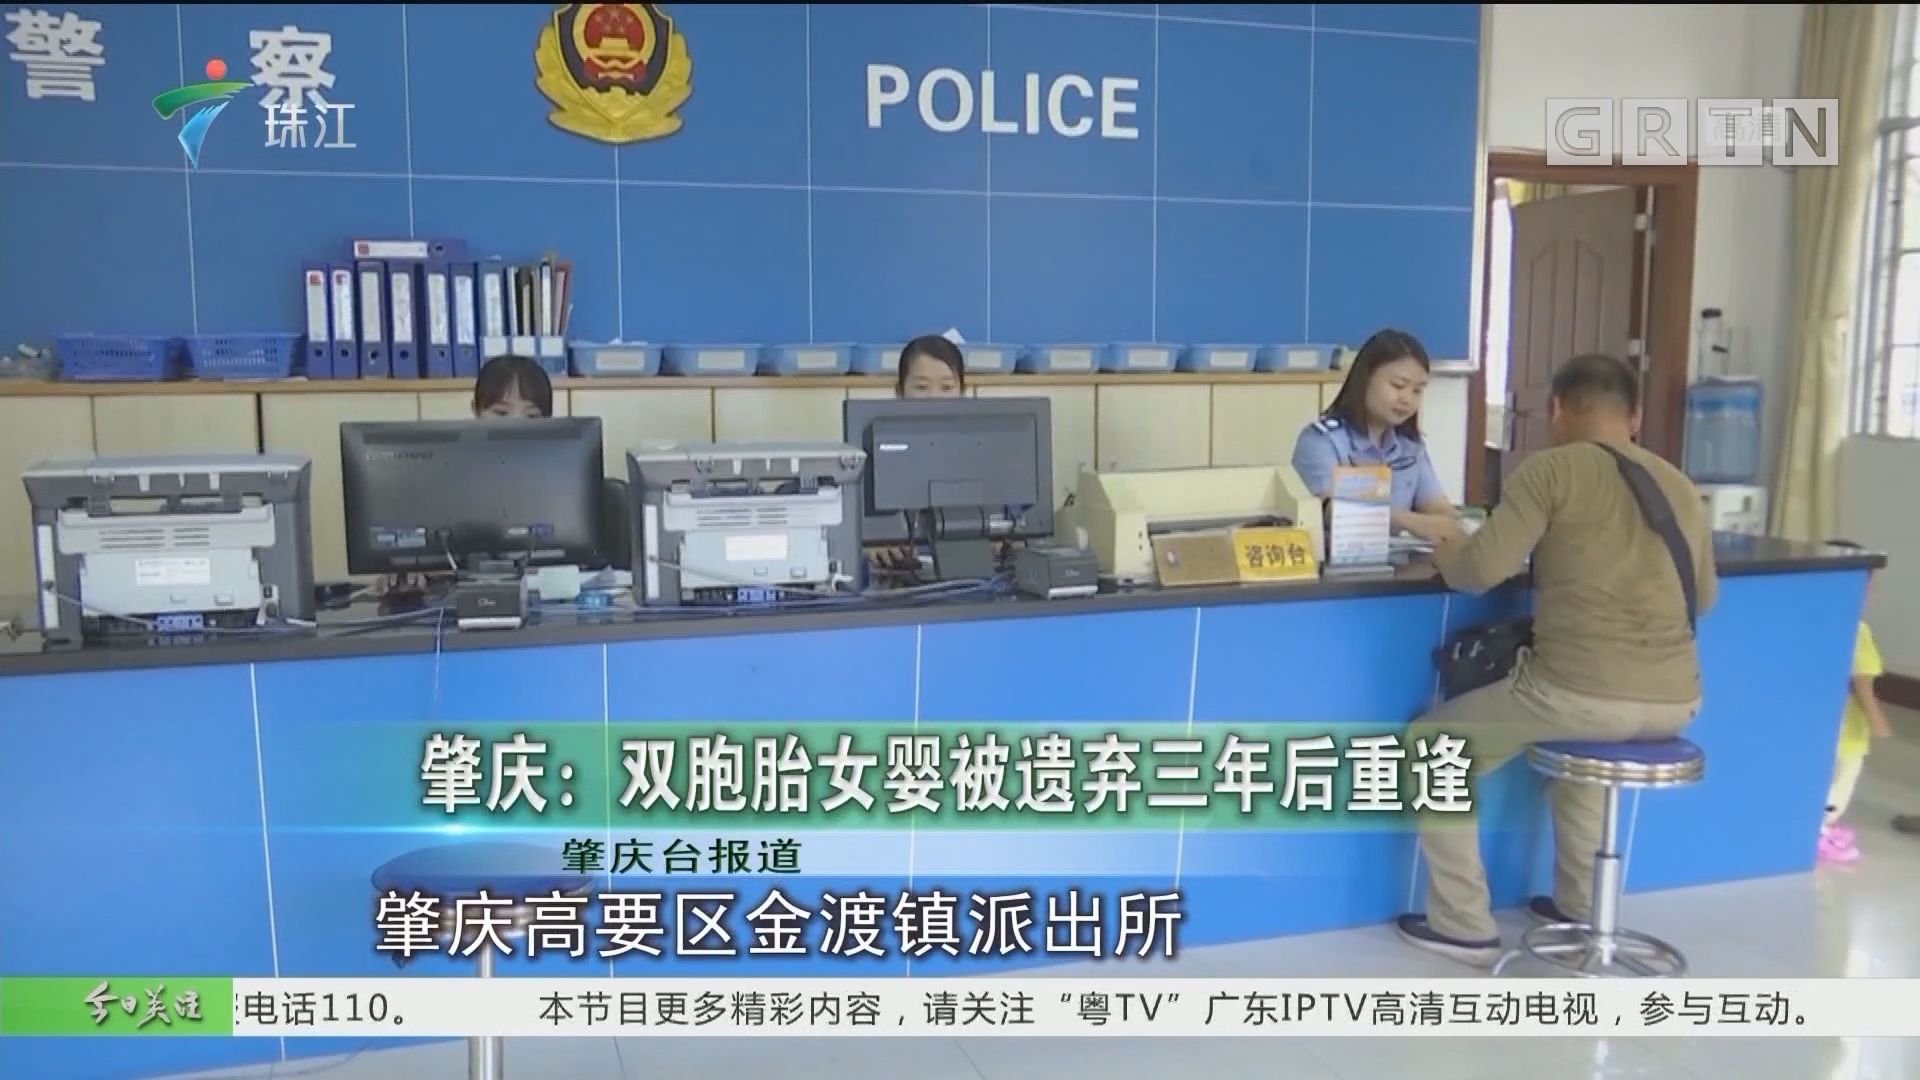 肇庆:双胞胎女婴被遗弃三年后重逢